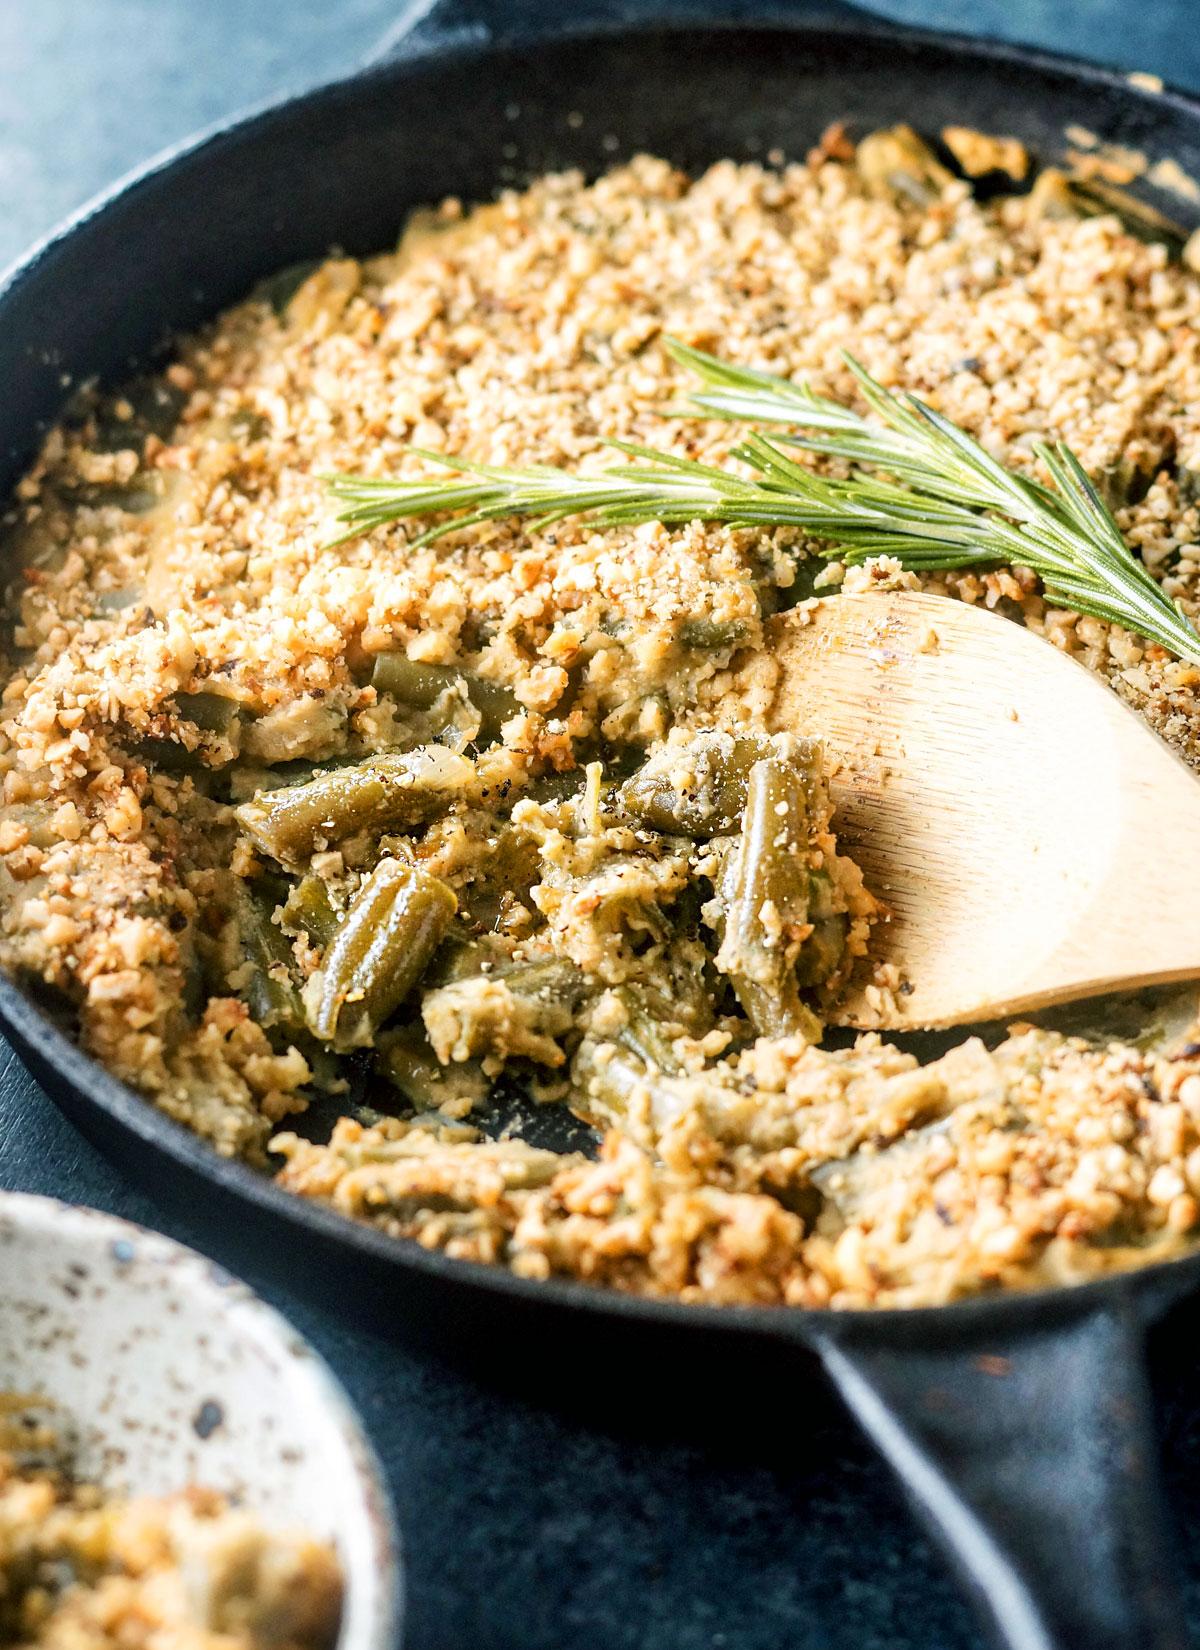 skillet of green bean casserole